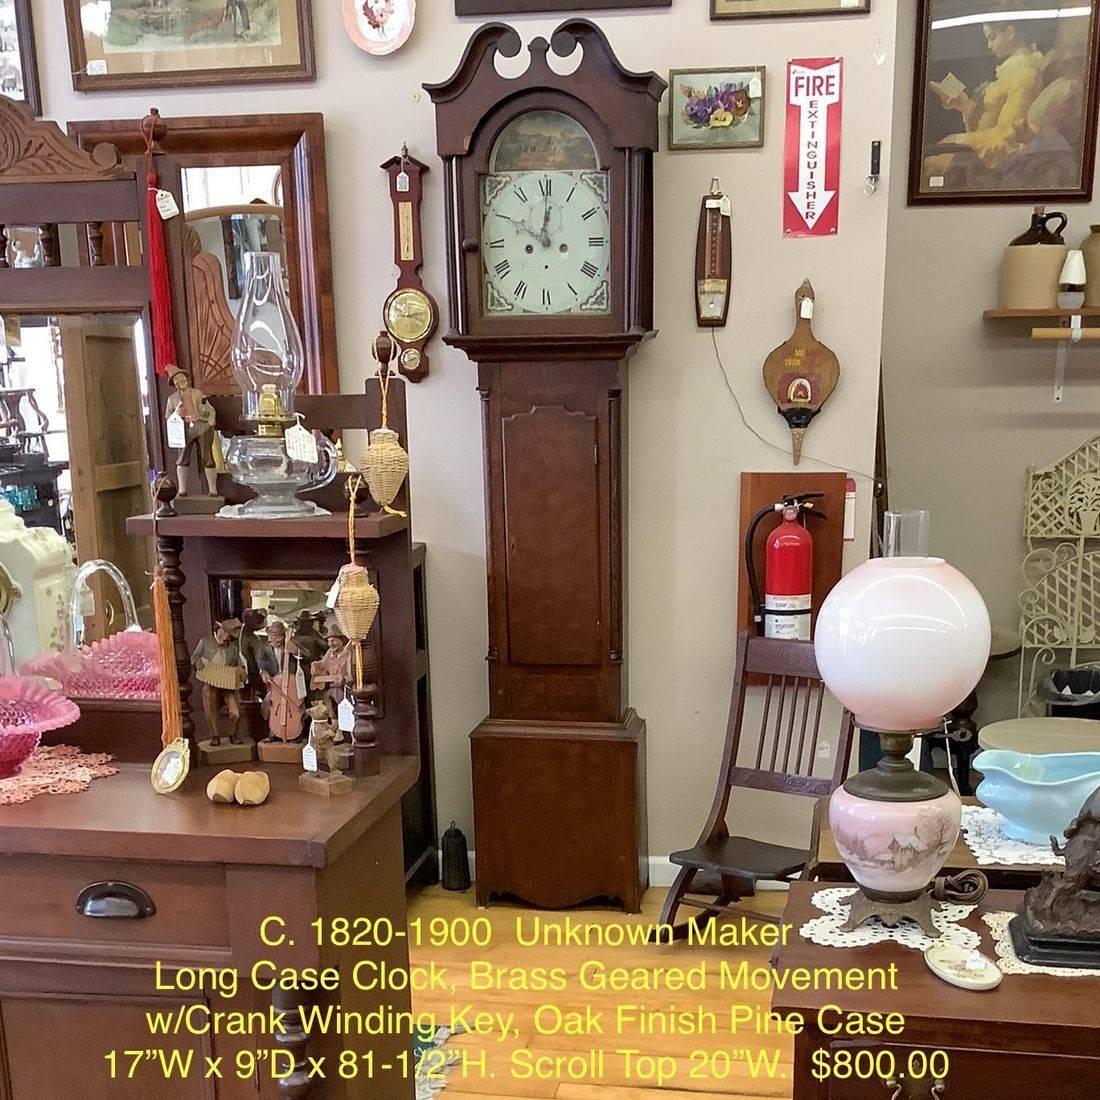 C. 1820-1900 Unknown Maker Long Case Clock, Brass Geared Movement w/Crank Winding Key, Oak Finish Pine Case.  $800.00